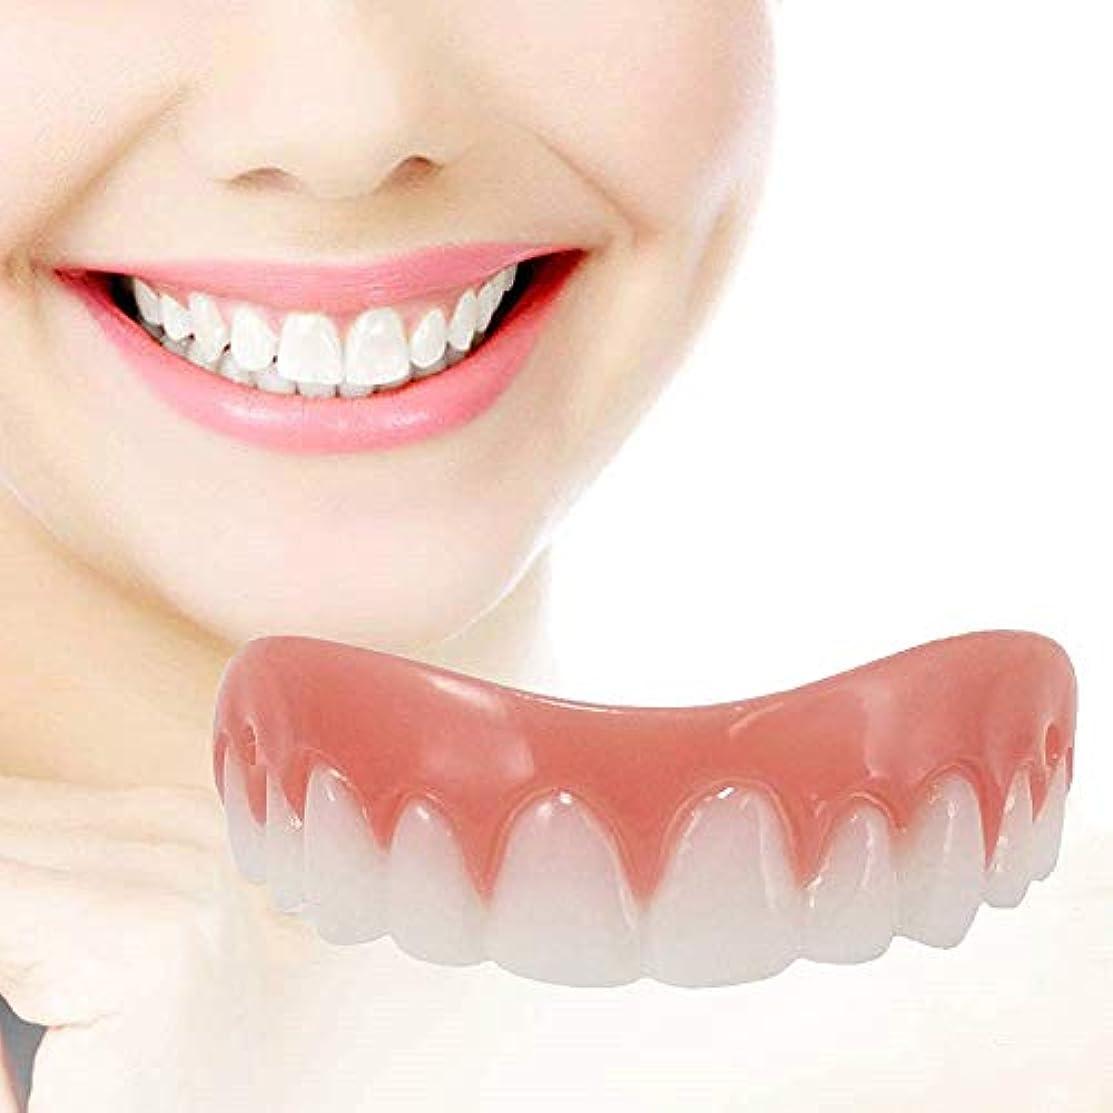 トリップへこみナチュラル女性、人のために白くなる即刻のベニヤの義歯の微笑の慰めの適合の屈曲の化粧品の偽歯